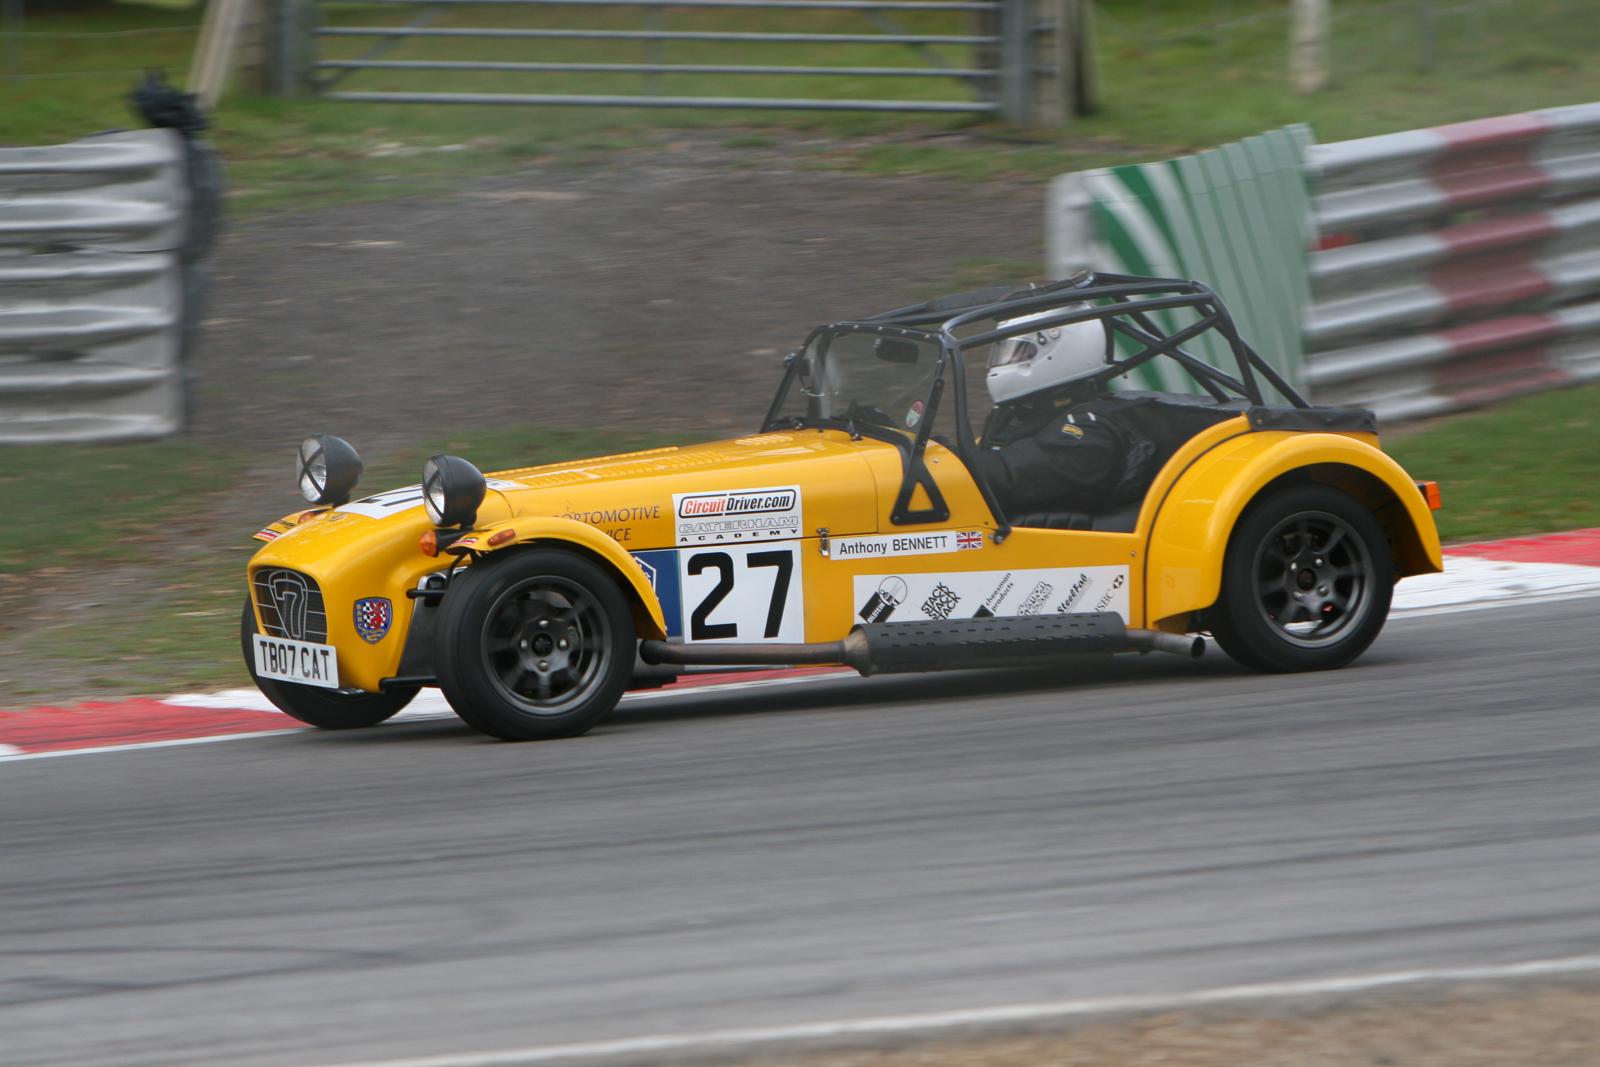 20071103 - Truck Racing Brands -071103 -047